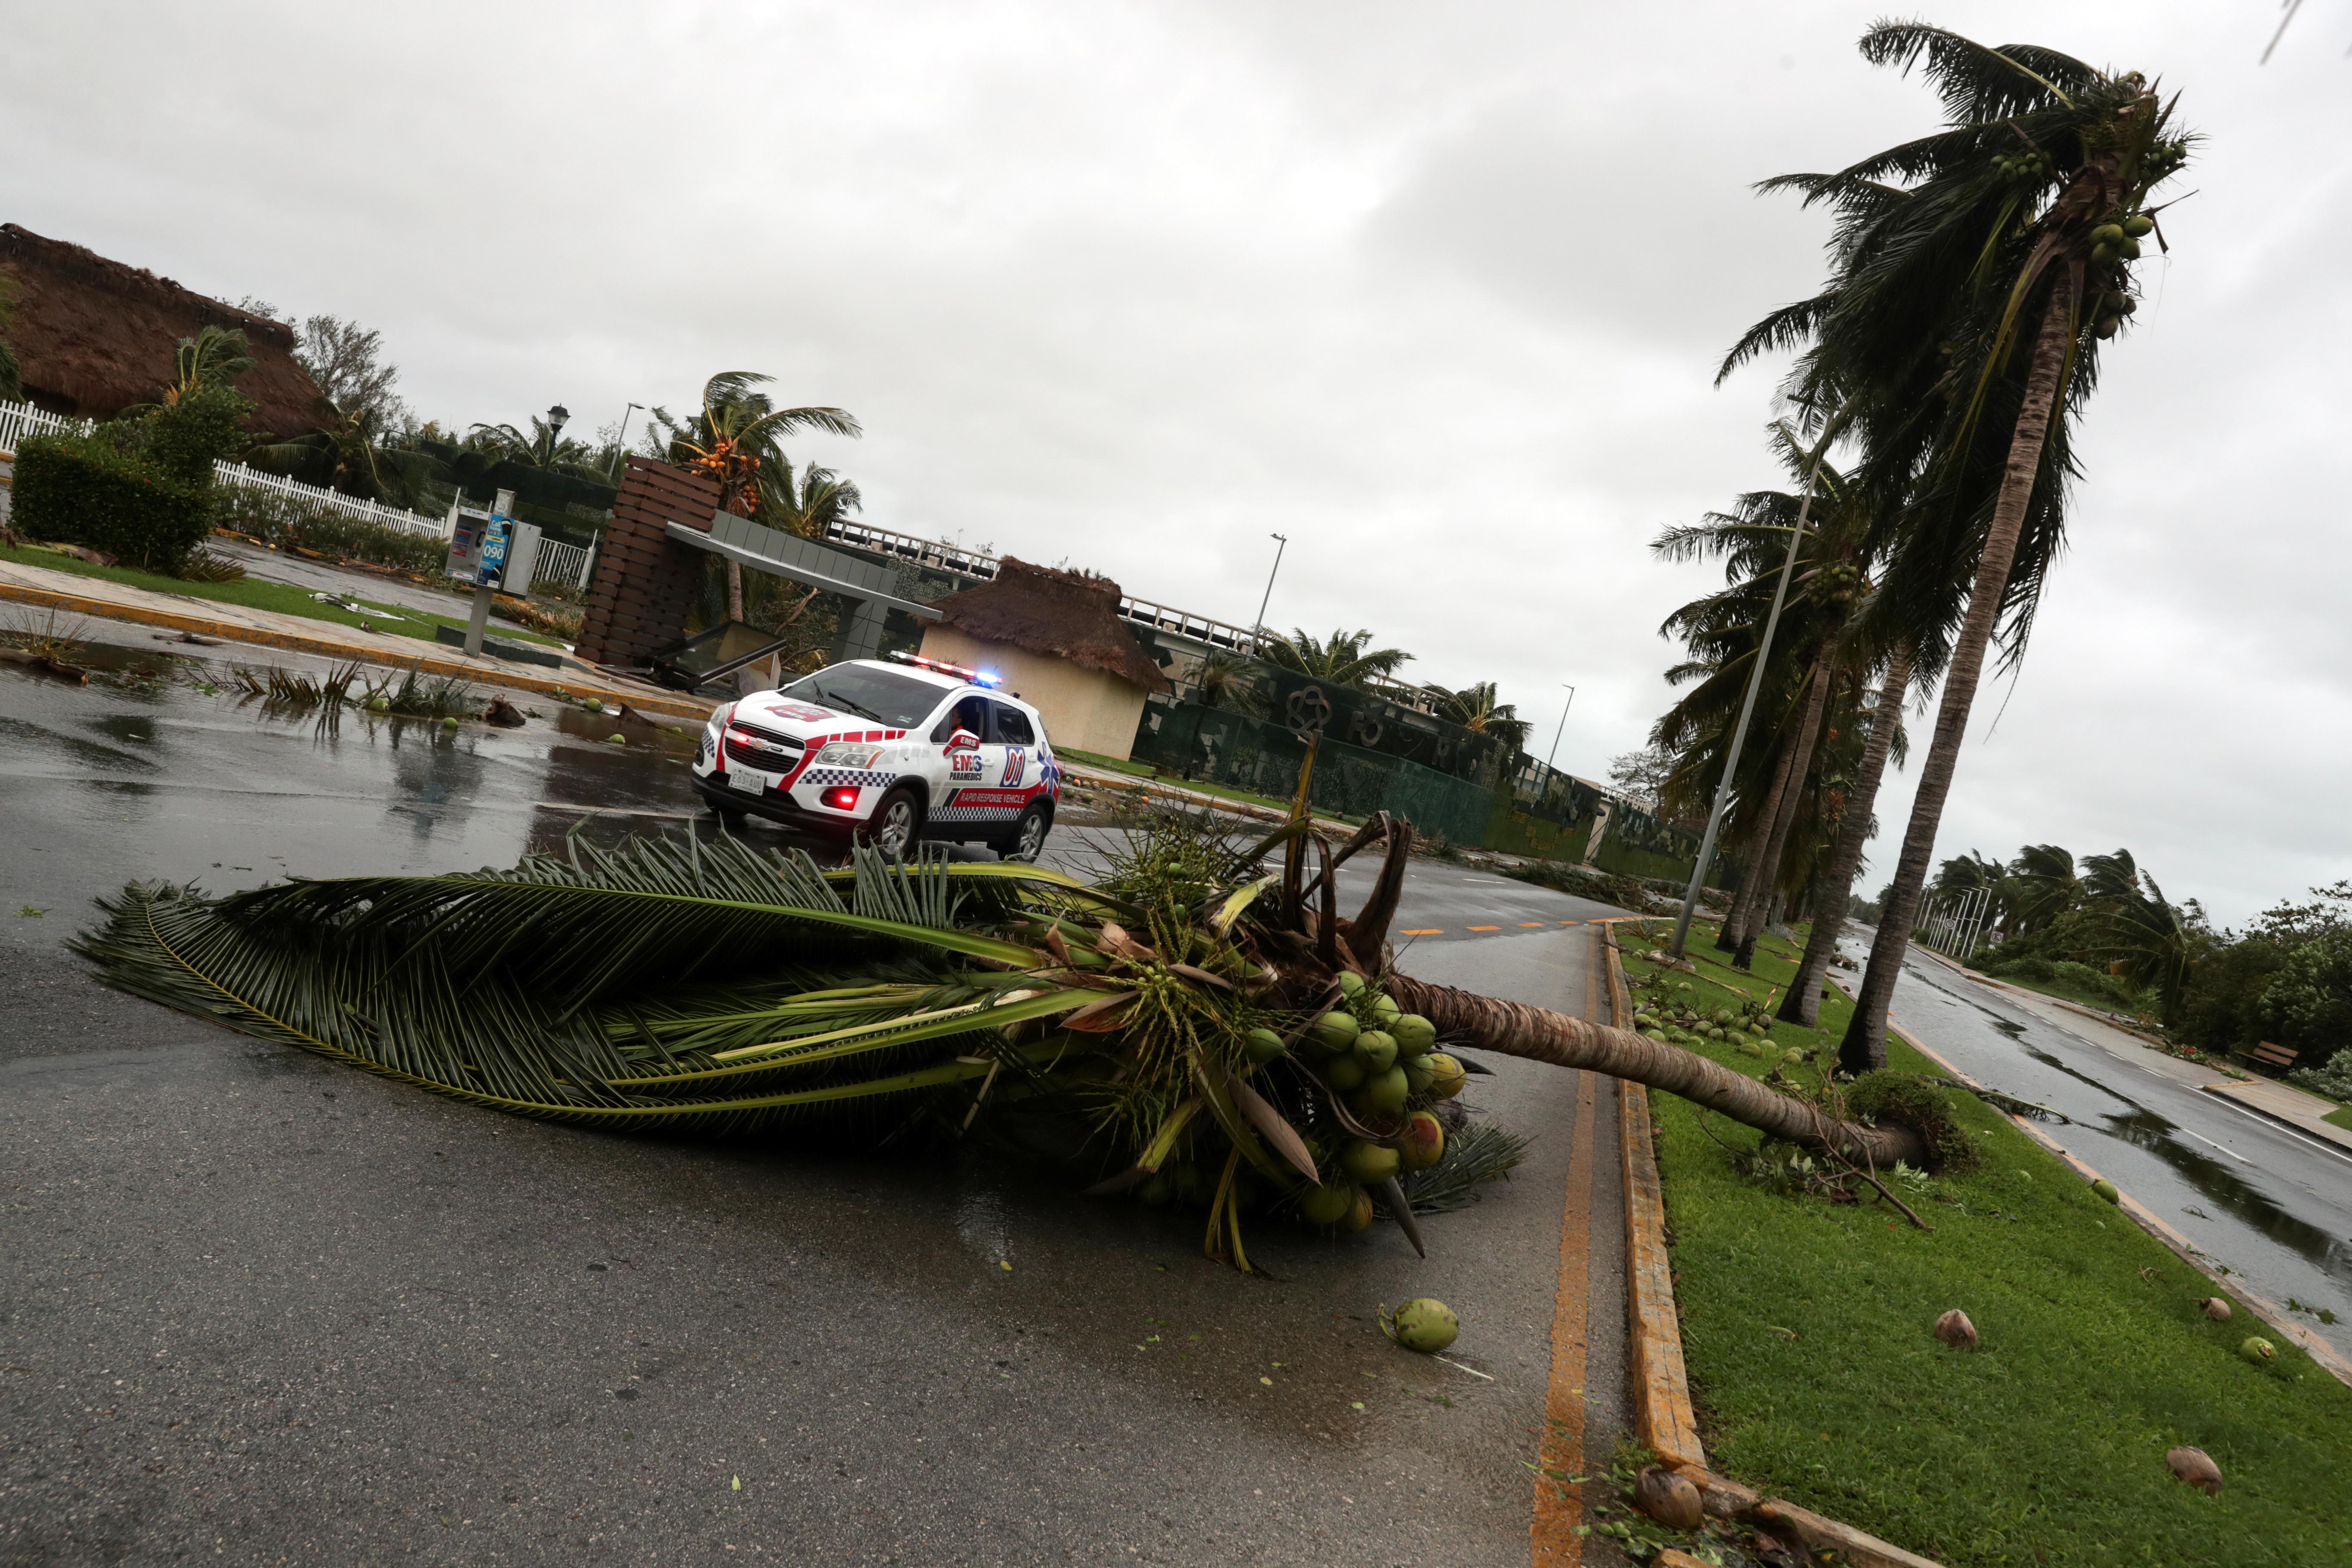 Se ve una palmera caída frente a un vehículo de respuesta rápida después del huracán Delta, en Cancún, en el estado de Quintana Roo, México, el 7 de octubre de 2020.